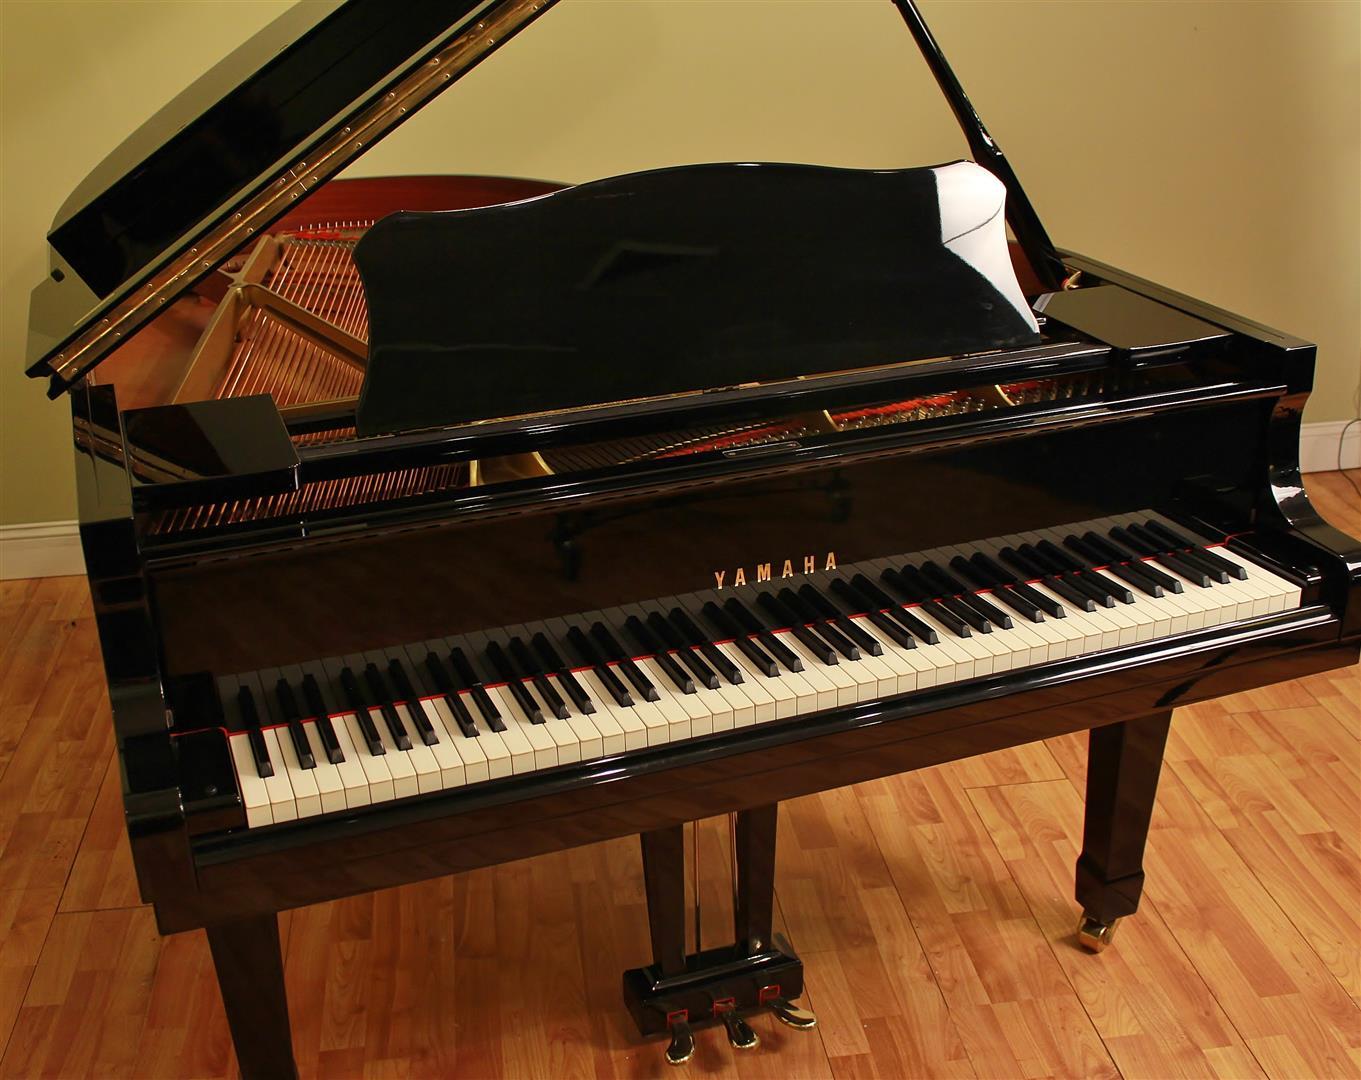 Yamaha c3 6 39 1 grand piano ebony polish beautiful ebay for Yamaha c3 piano